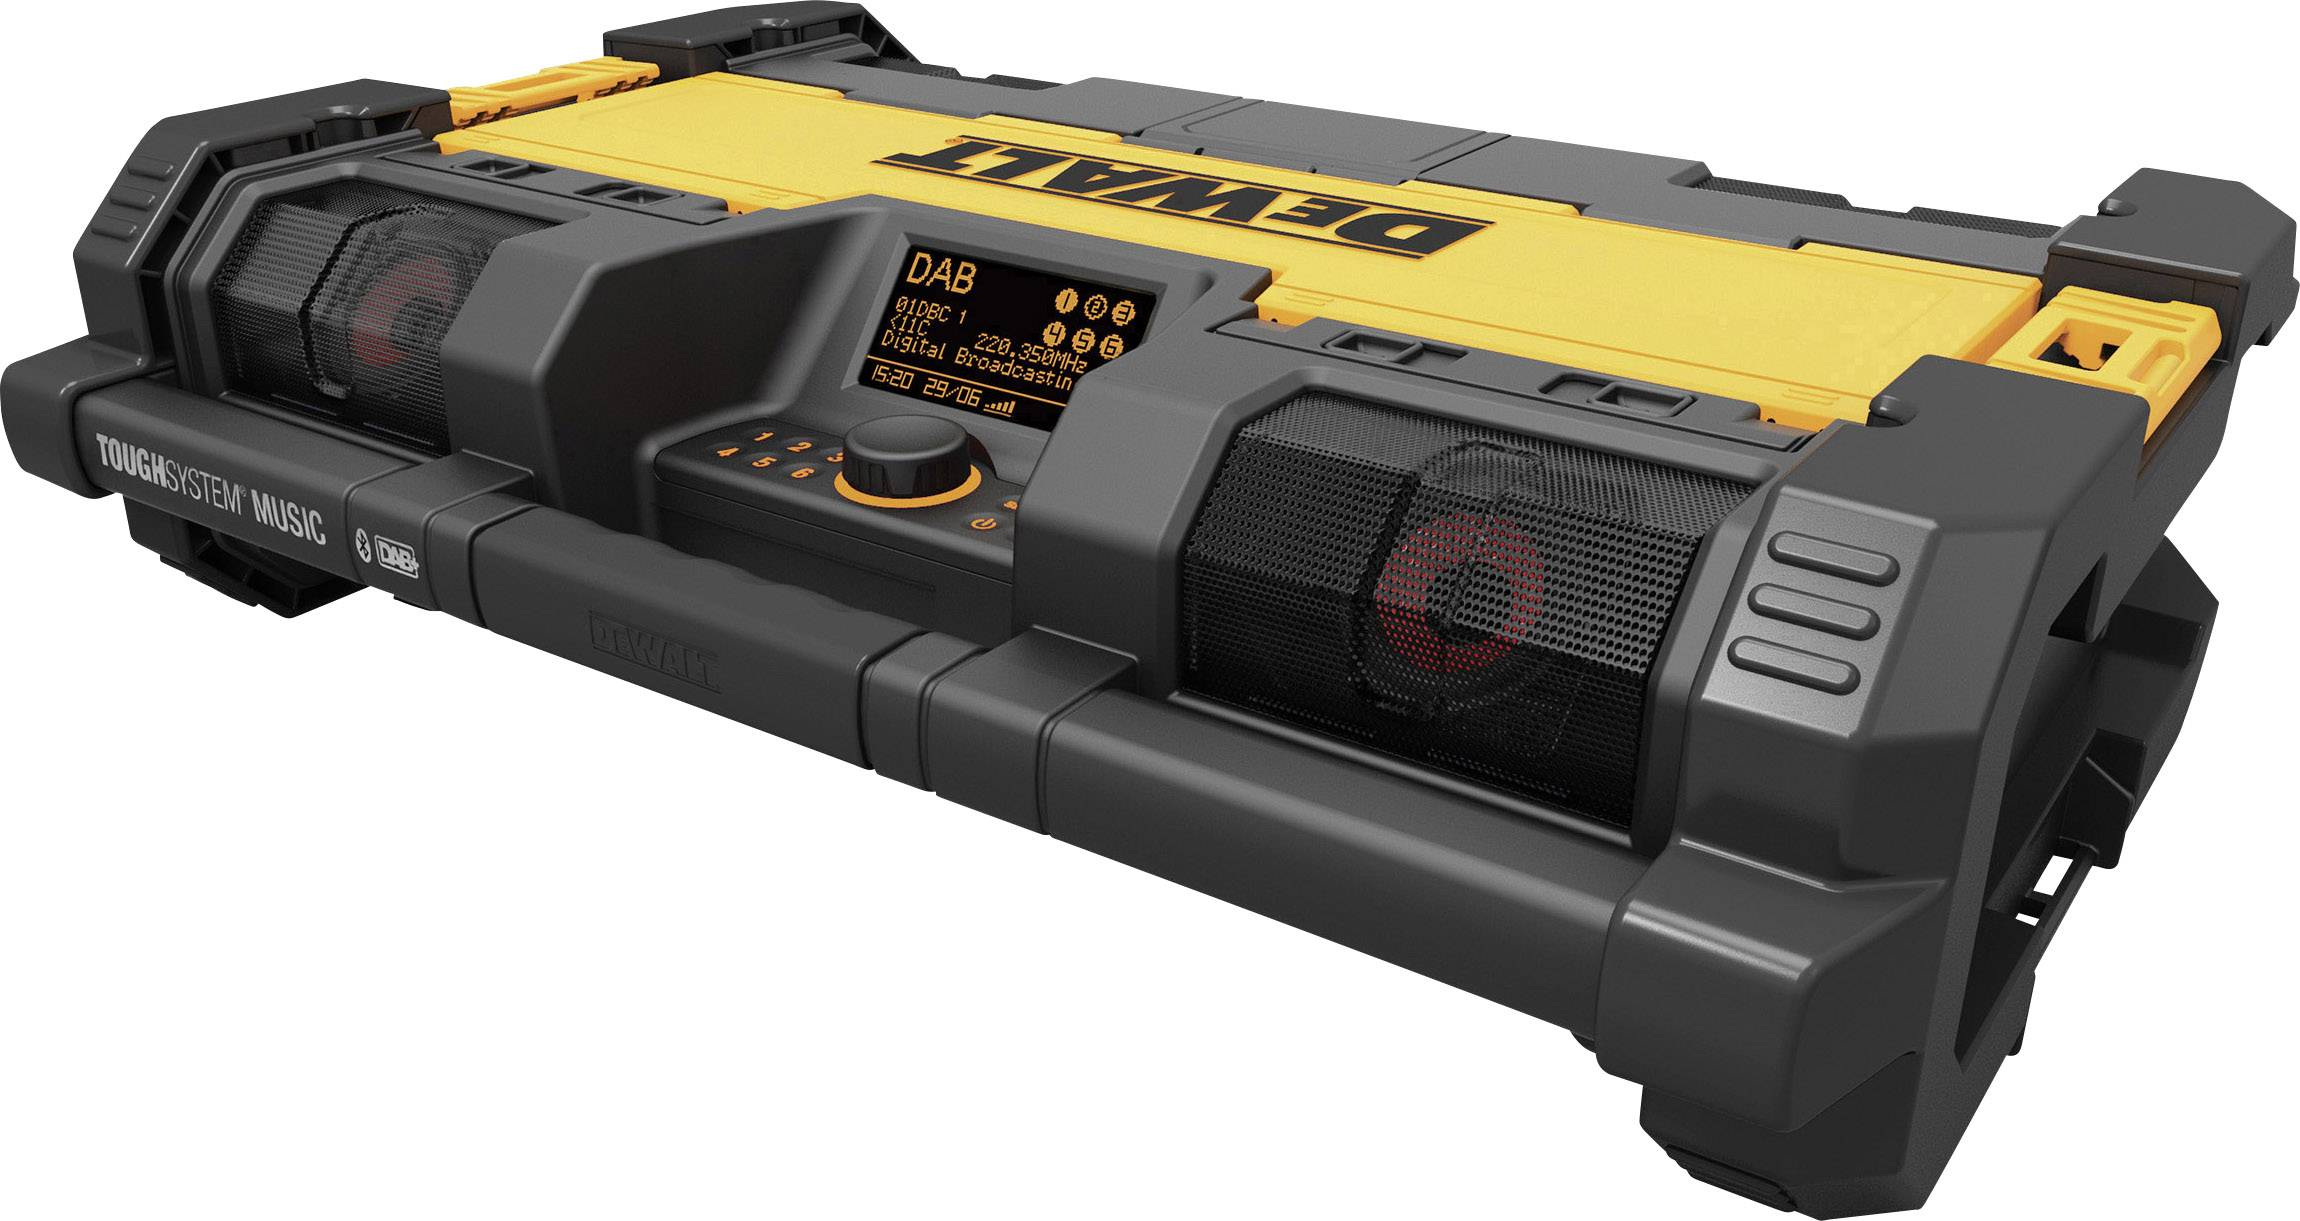 Outdoorové rádio Dewalt DWST1-75659, černá, žlutá